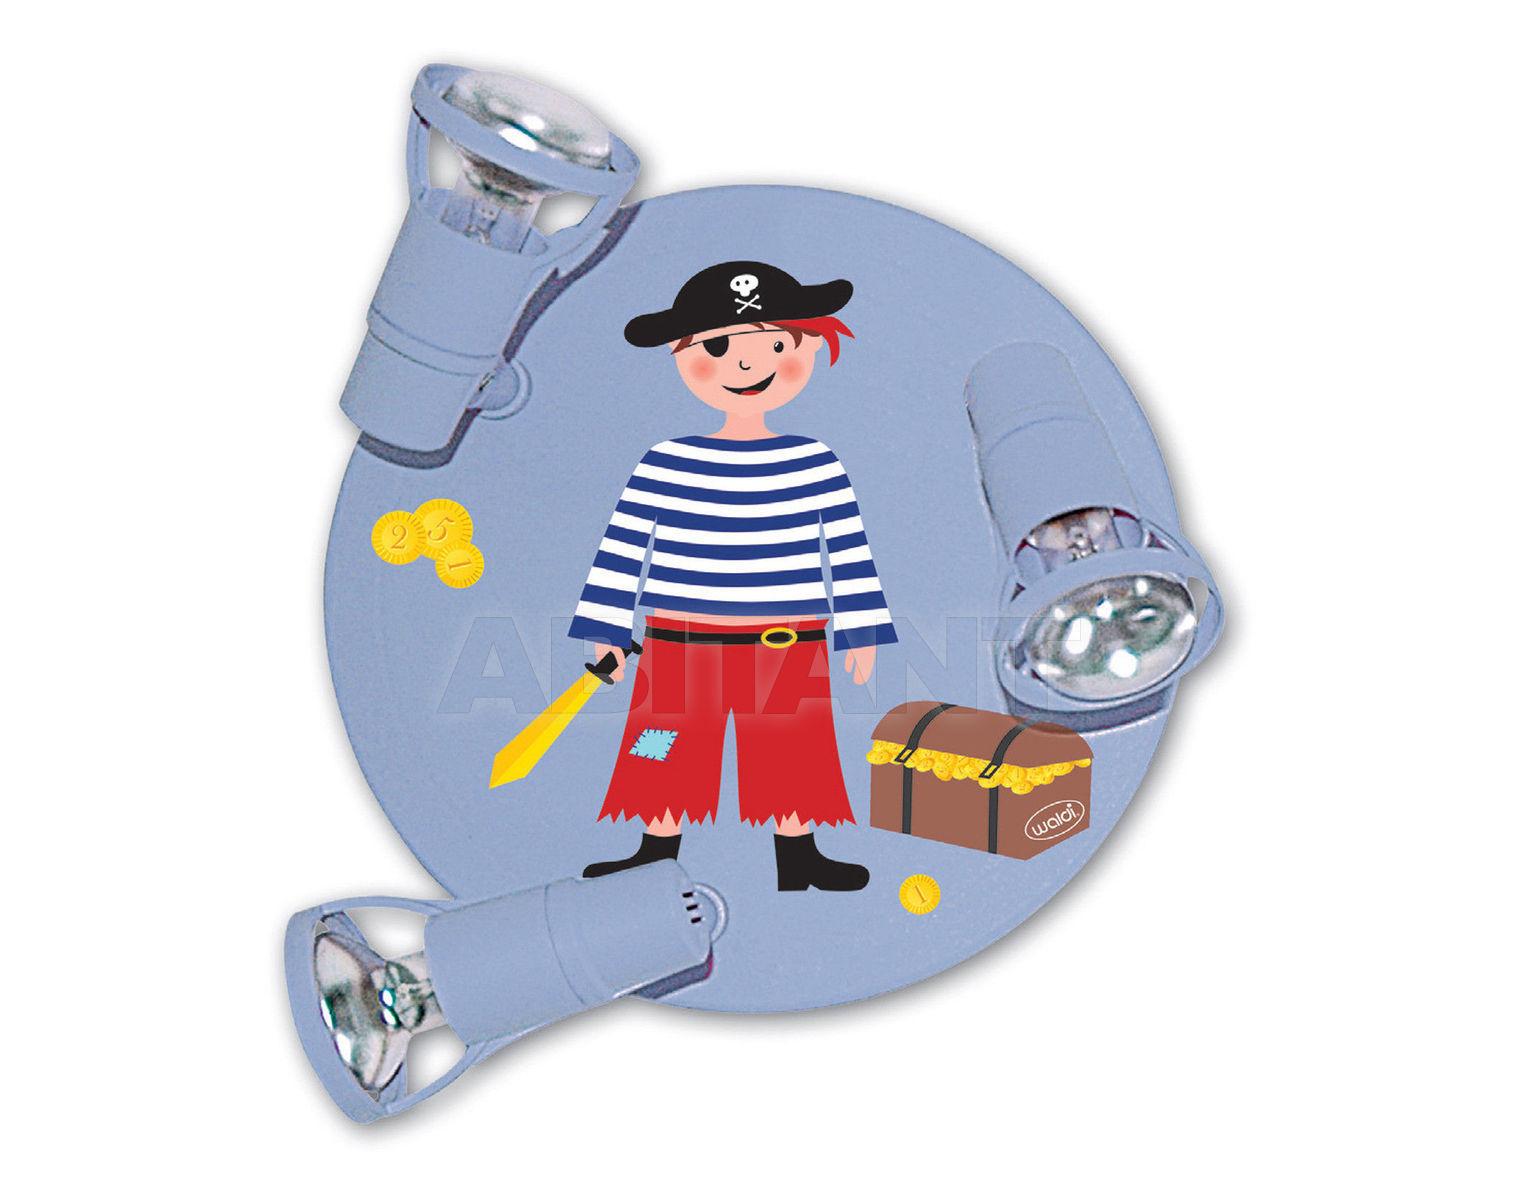 Купить Светильник для детской  Waldi Leuchten Lampen Fur Kinder 2012 65222.0